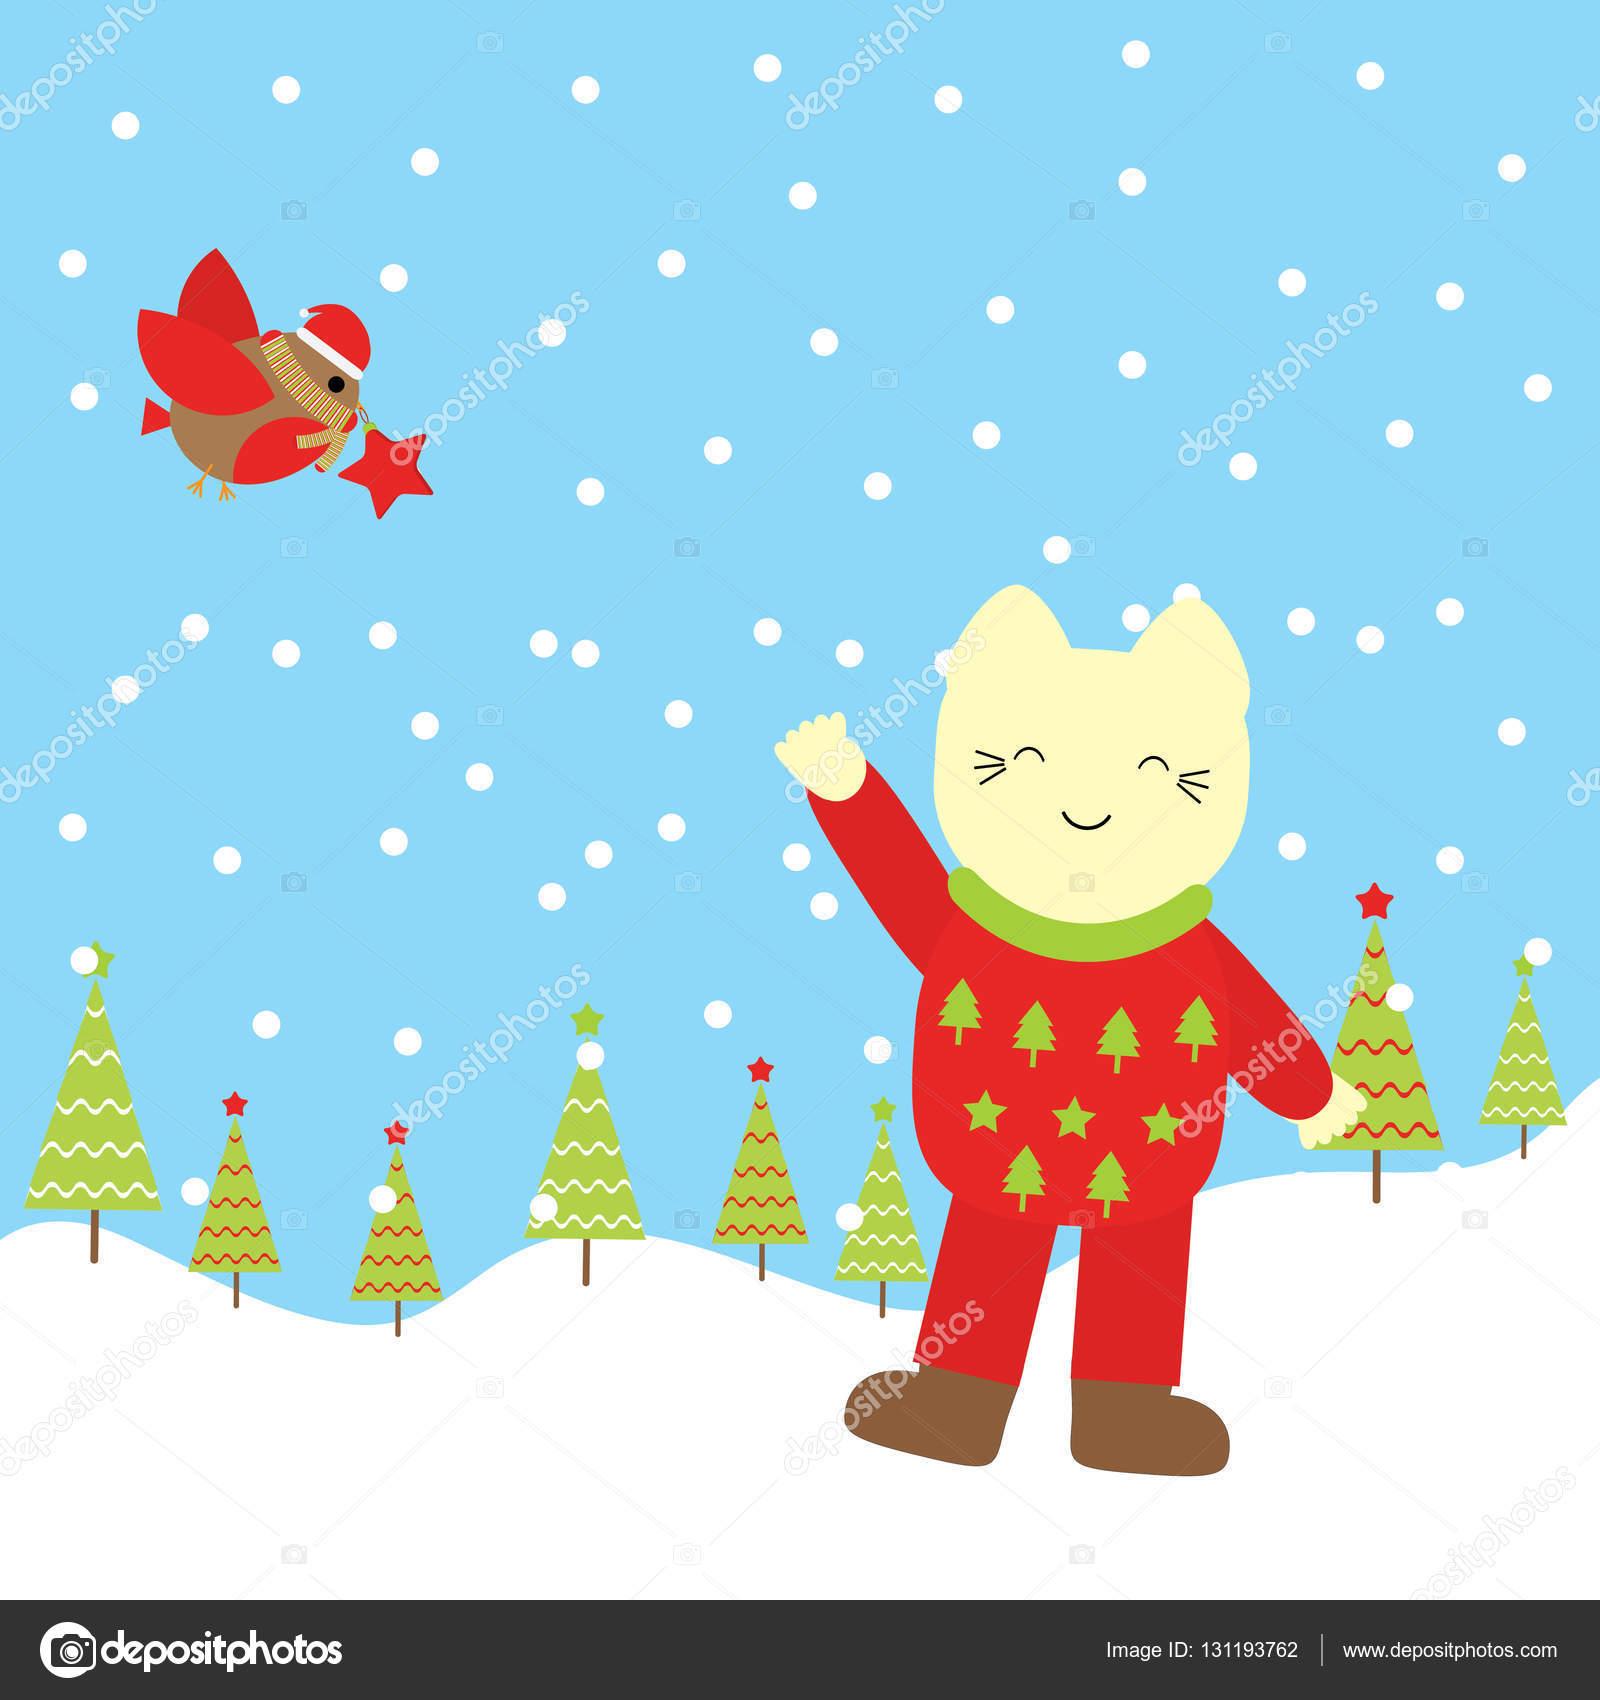 クリスマス イラストかわいい猫と子供クリスマス壁紙ポストカード